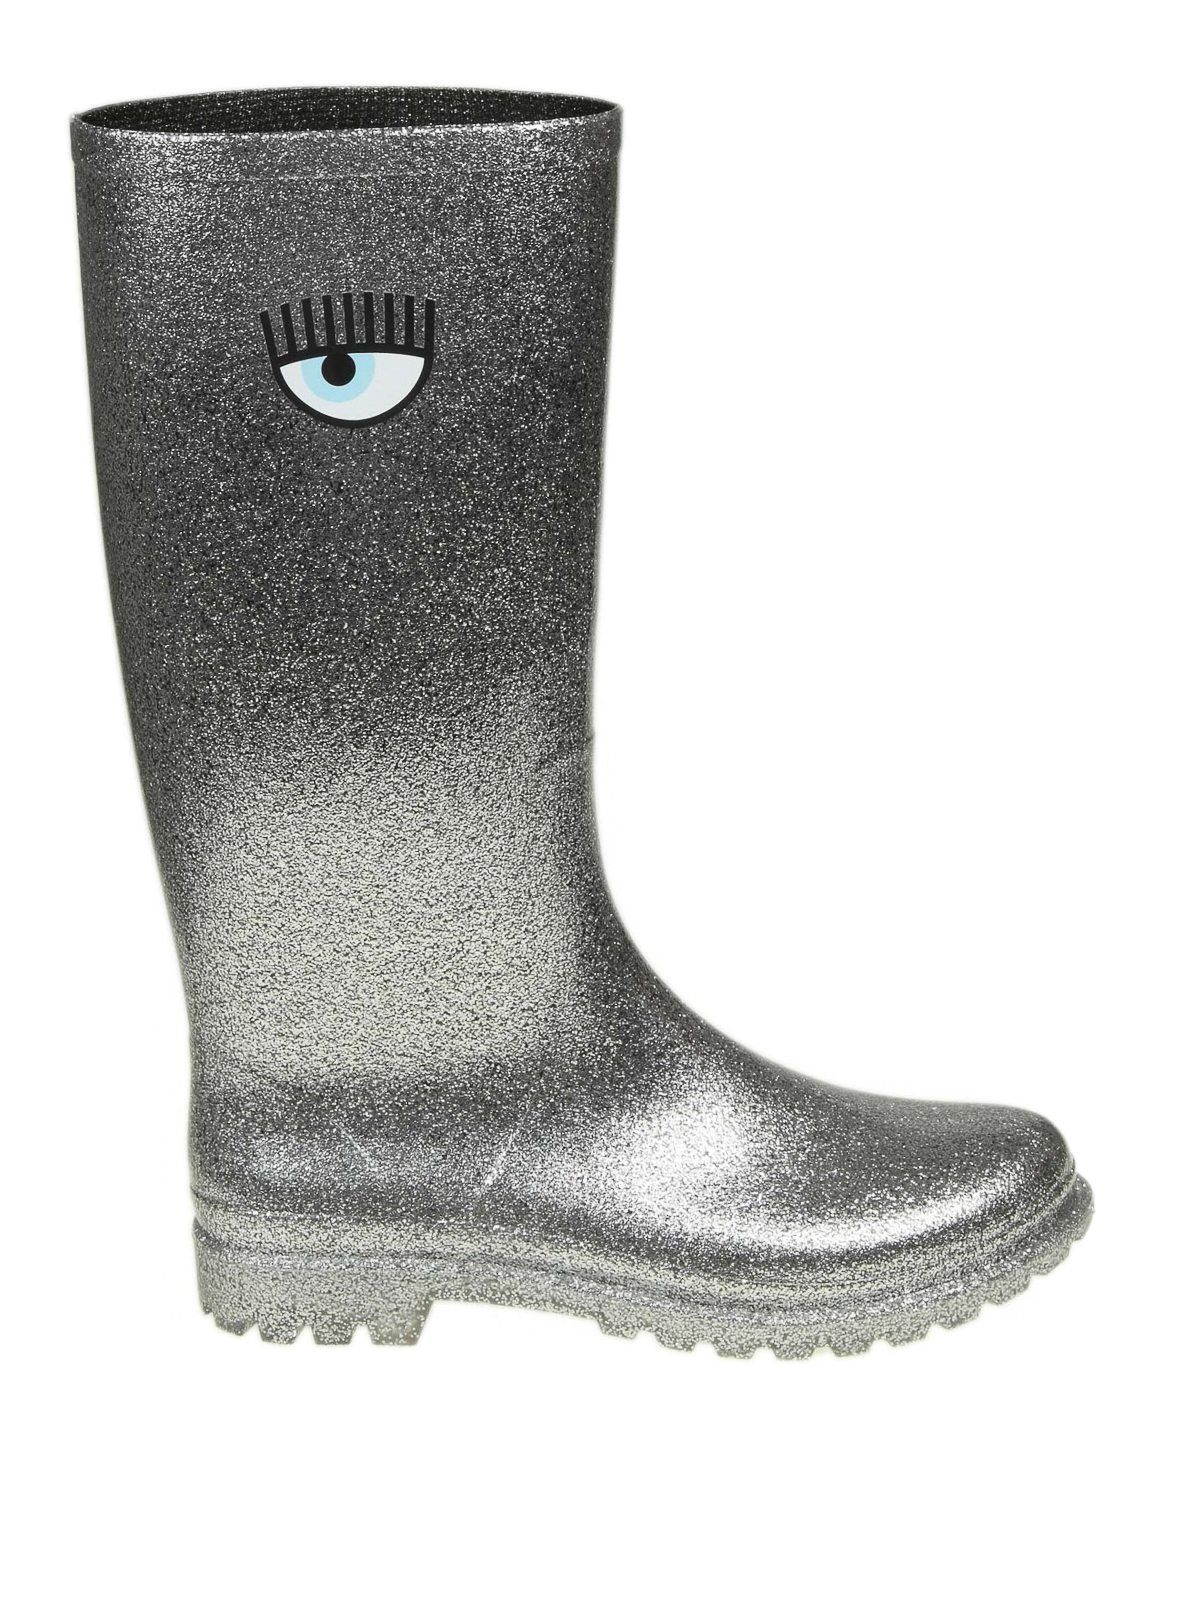 CHIARA FERRAGNI  stivali - Stivali da pioggia in gomma glitter argento c730cef0efd